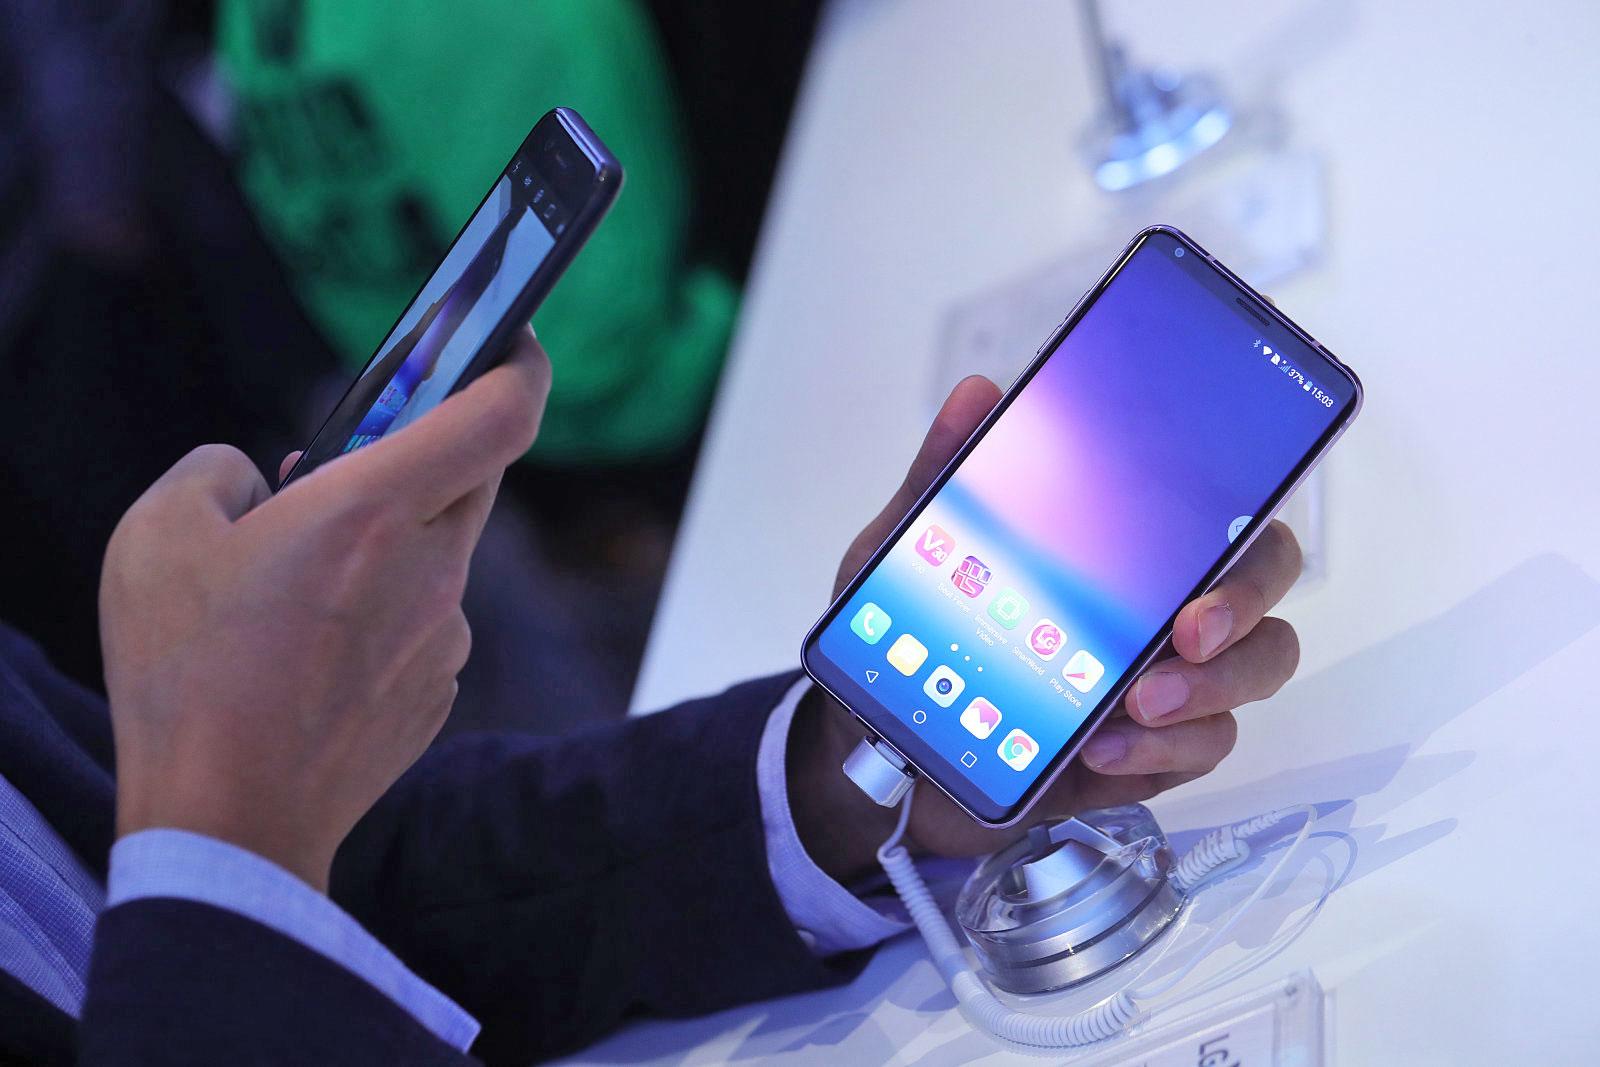 不甘示弱!LG将在11月中发布新机V30+